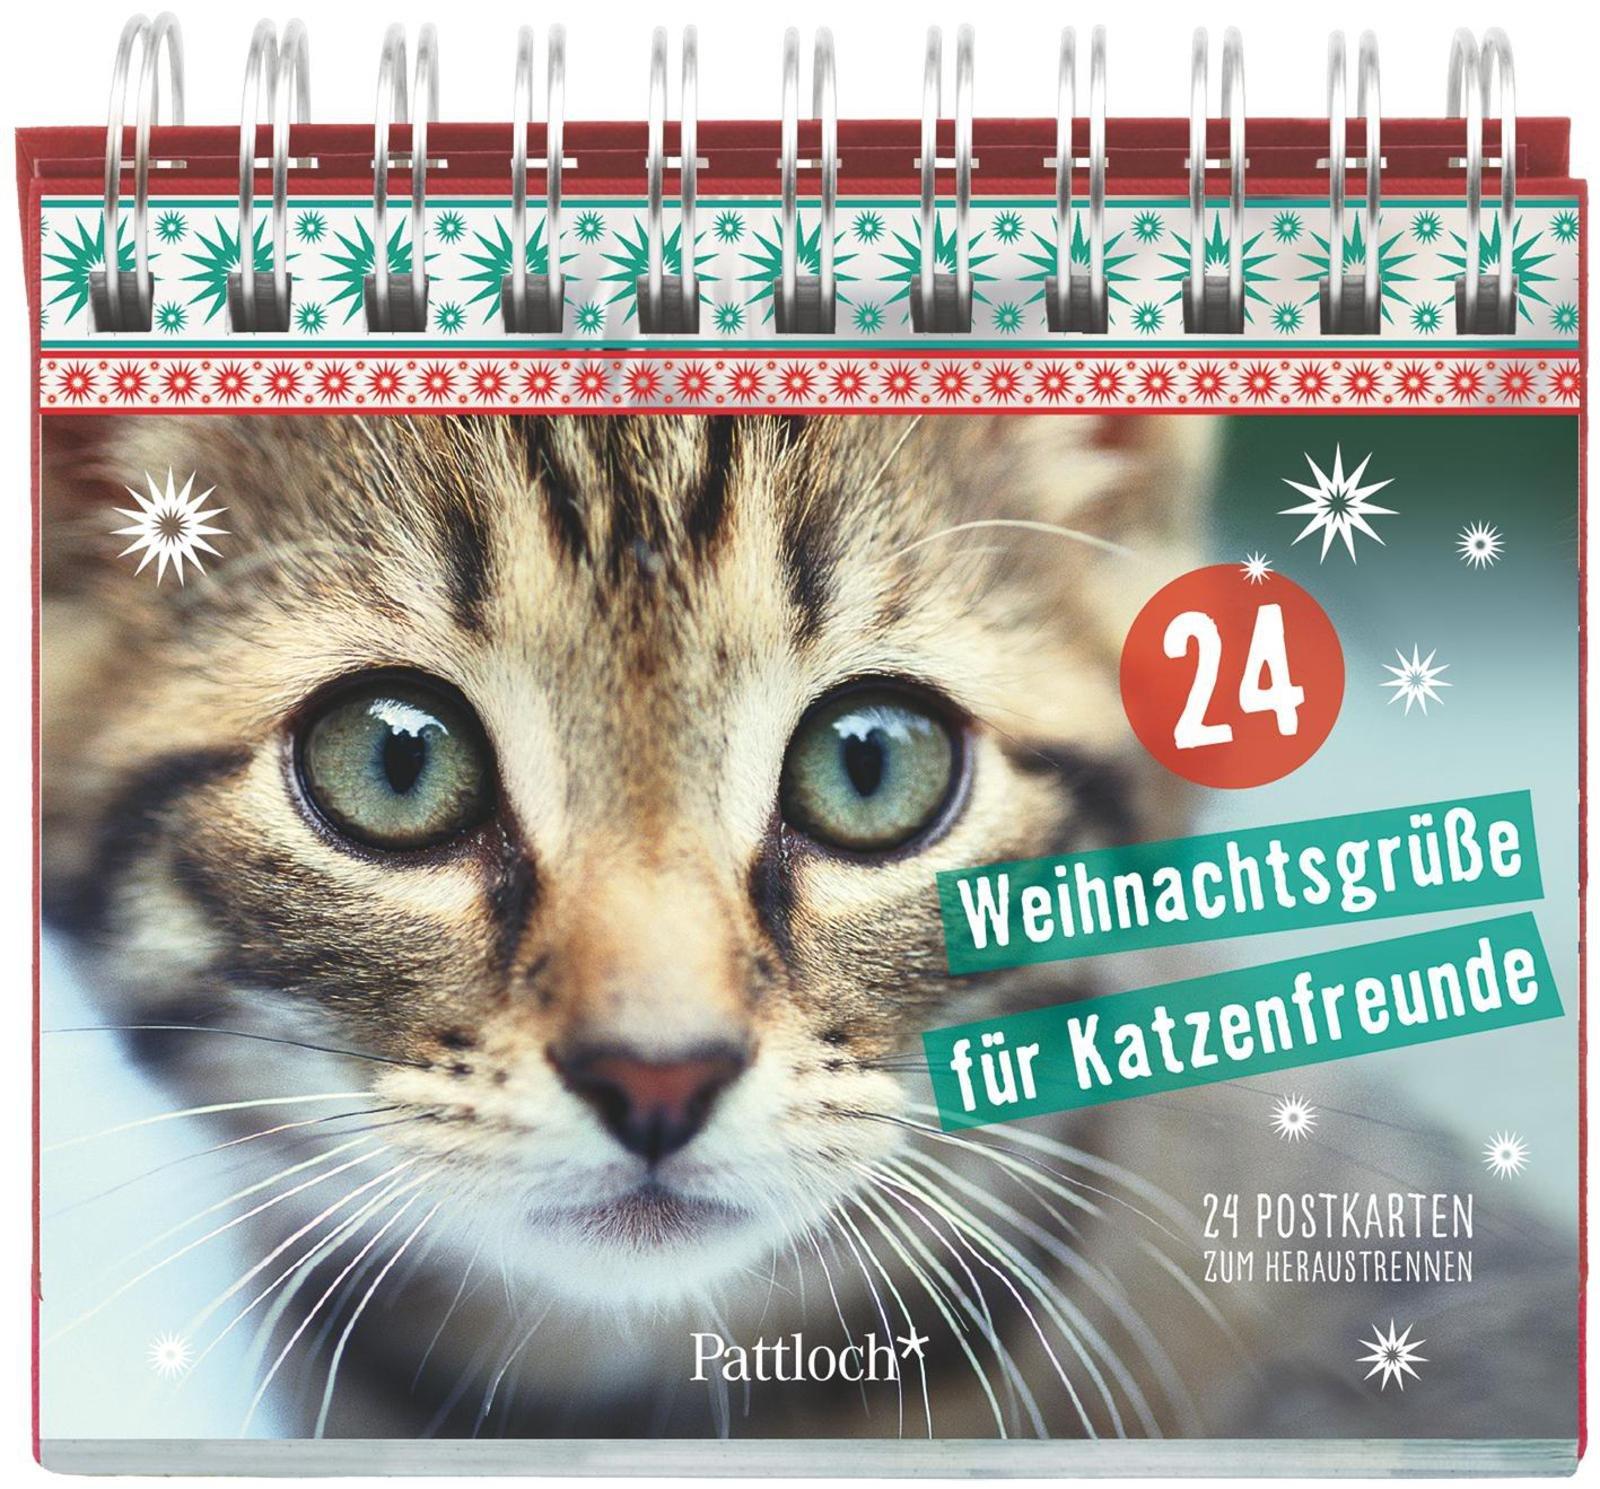 24 Weihnachtsgrüße für Katzenfreunde: Kartenaufsteller